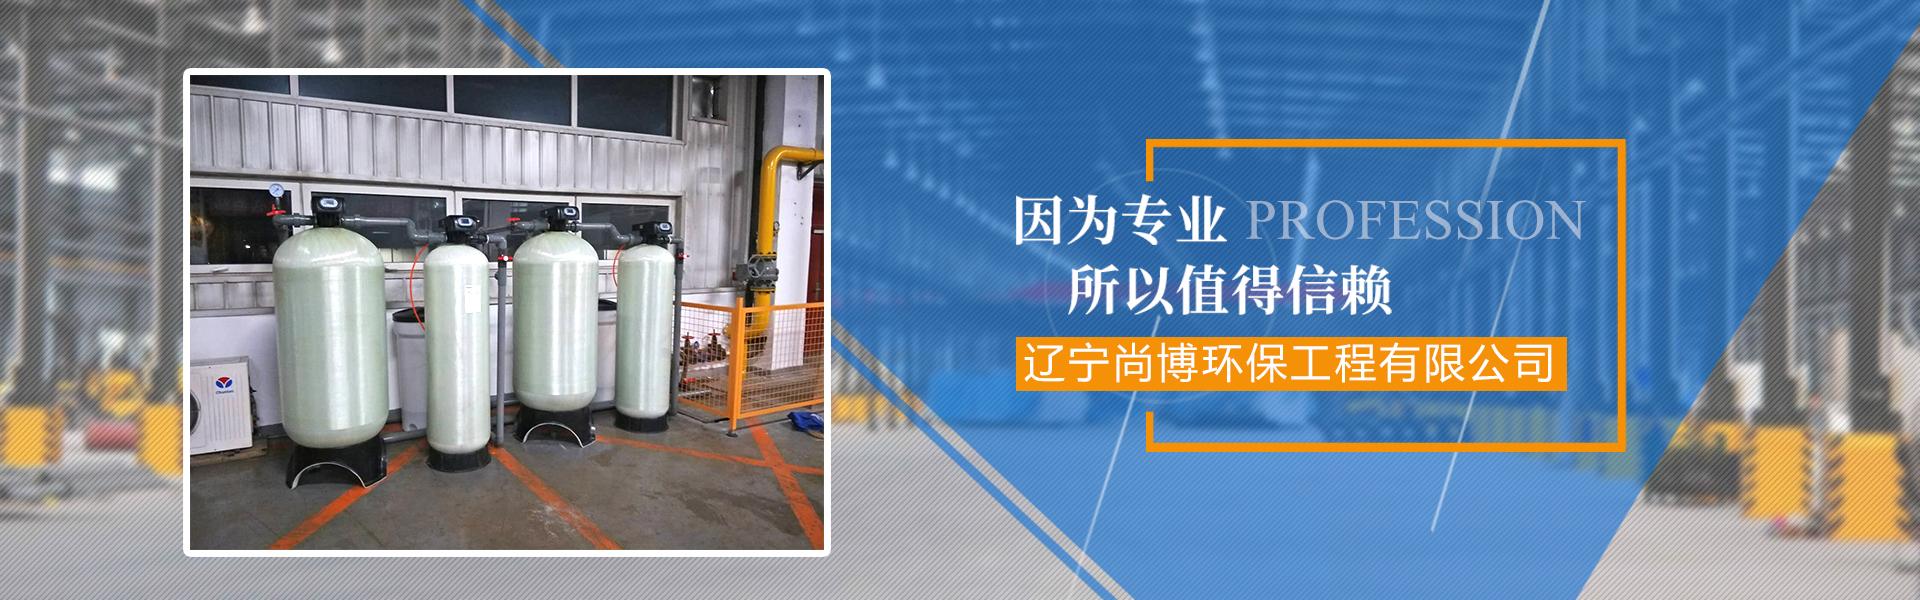 沈阳软化水 沈阳除铁锰设备 沈阳纯净水设备   辽宁尚博环保工程有限公司